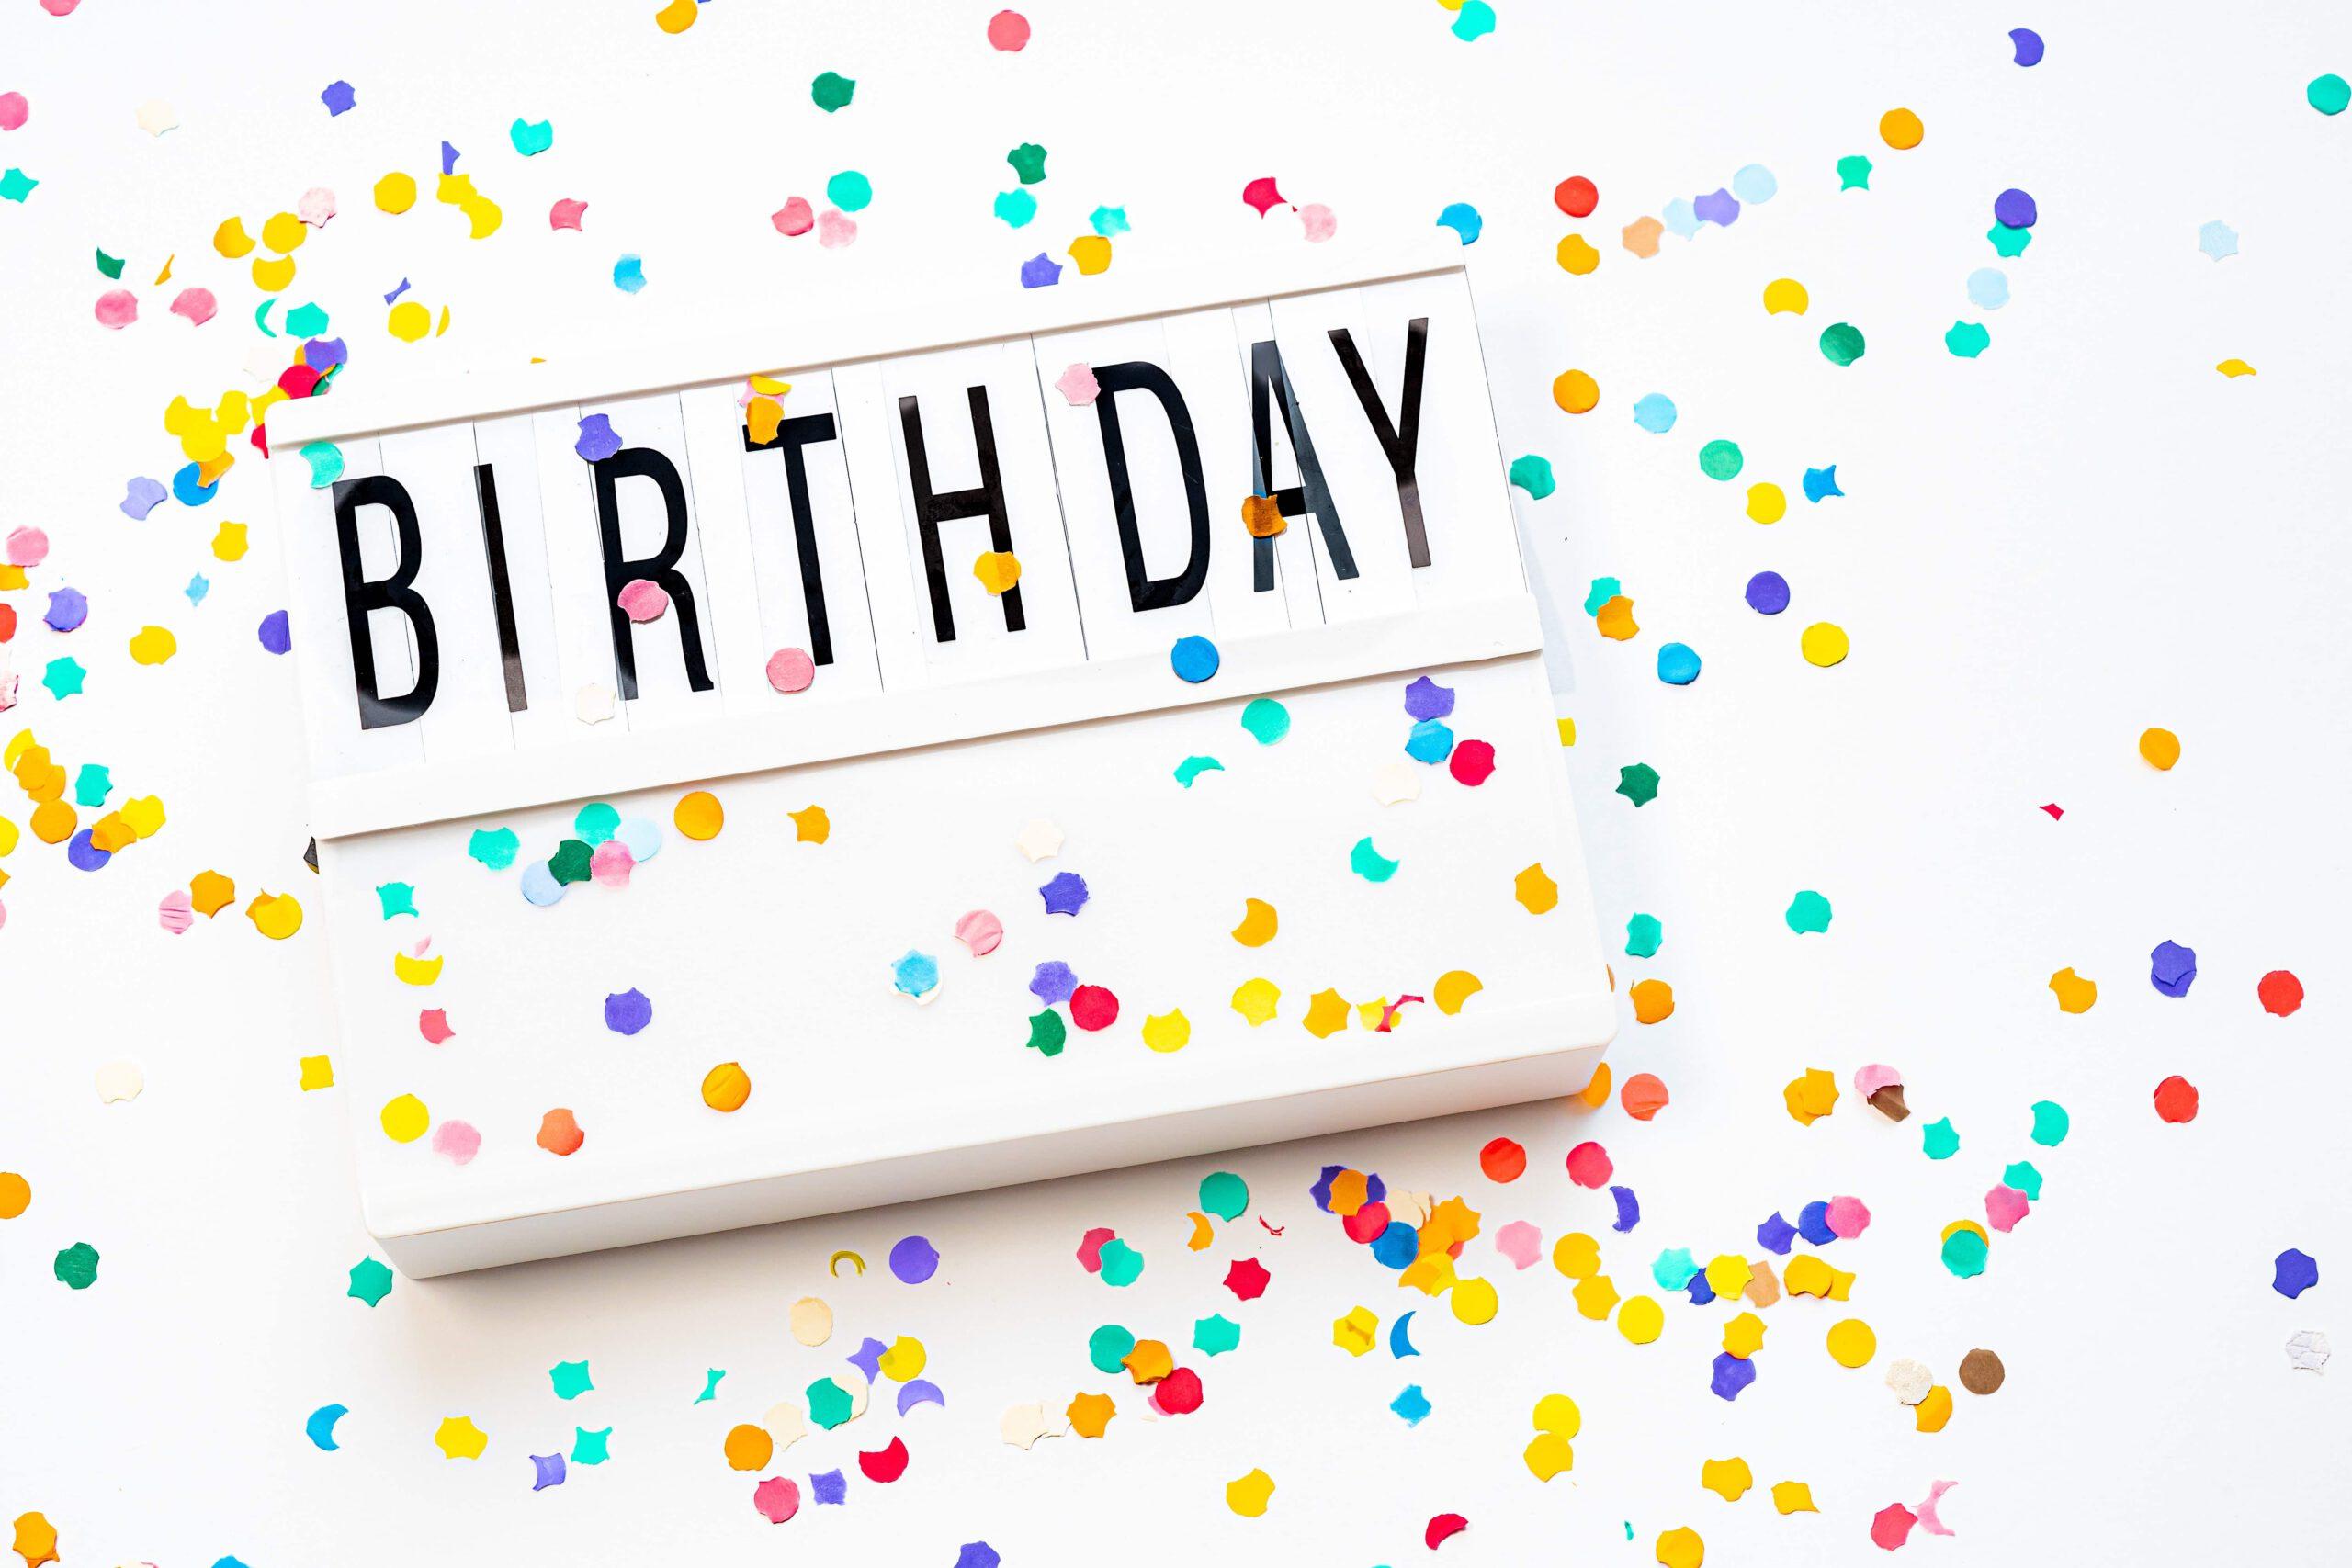 Leuke ideeën om je verjaardag te vieren